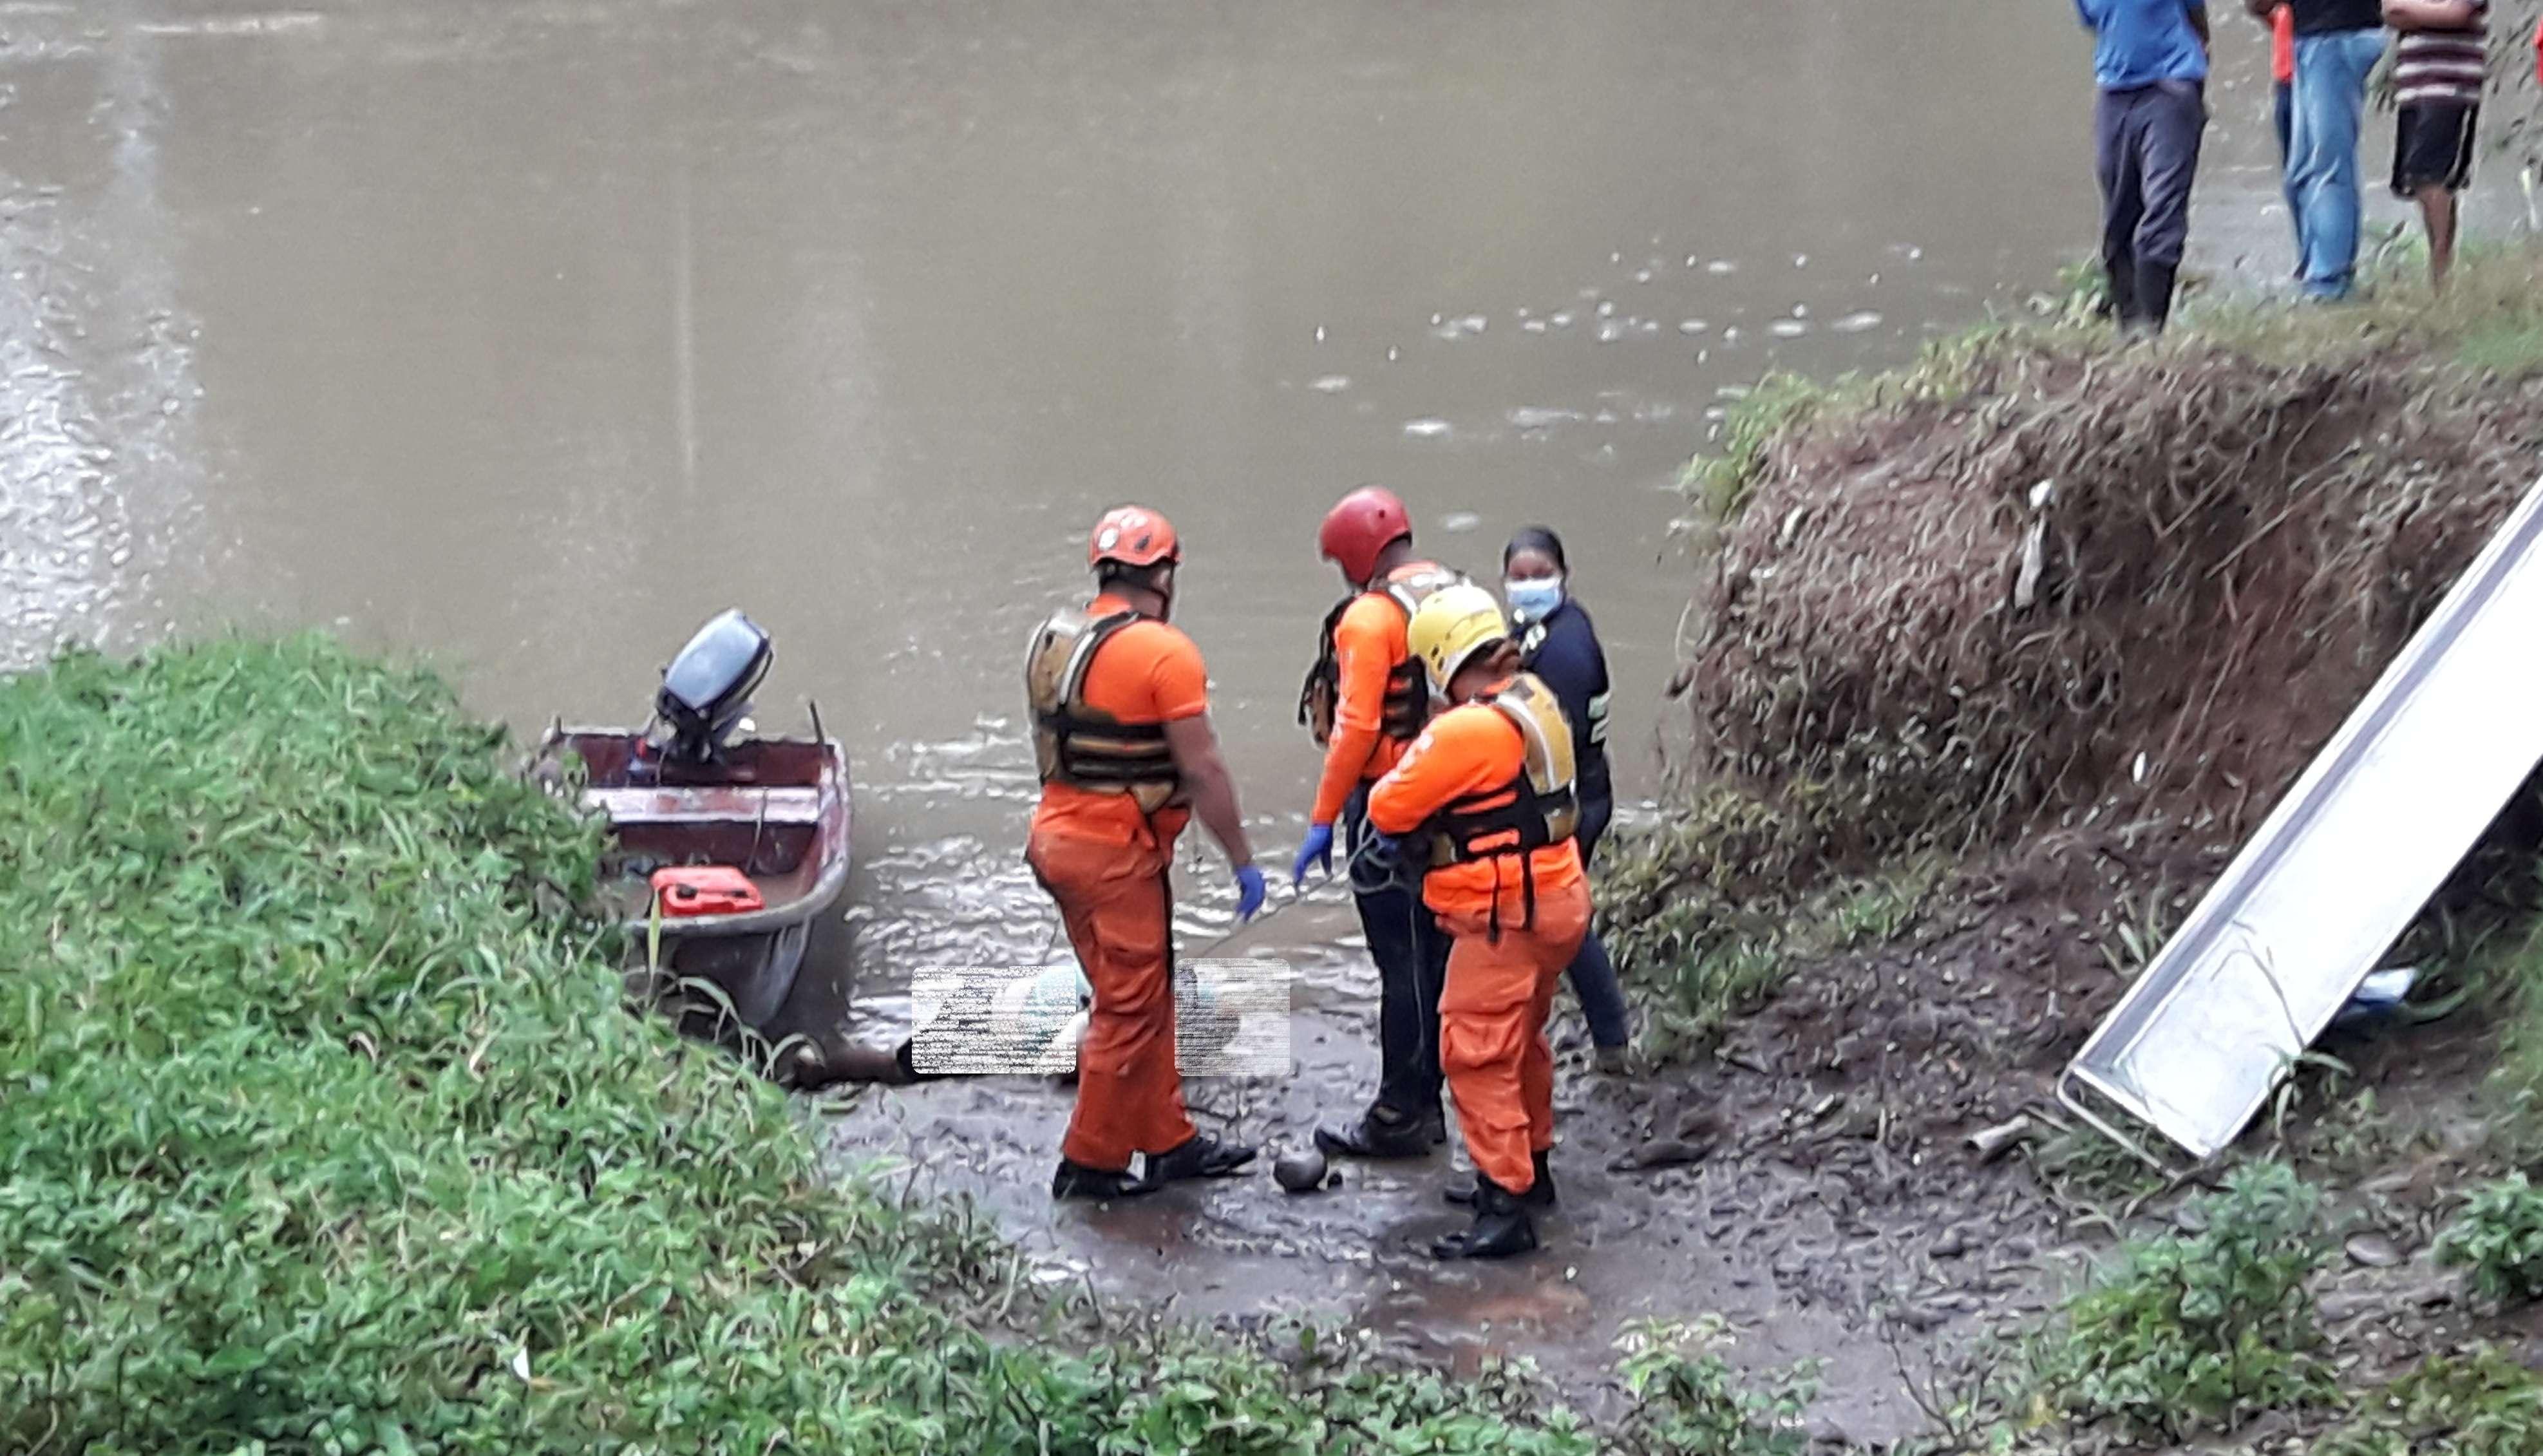 Los dos cuerpos sin vida fueron encontrados el 26 y 27 de septiembre de 2020, a orilla del río Risacua en David